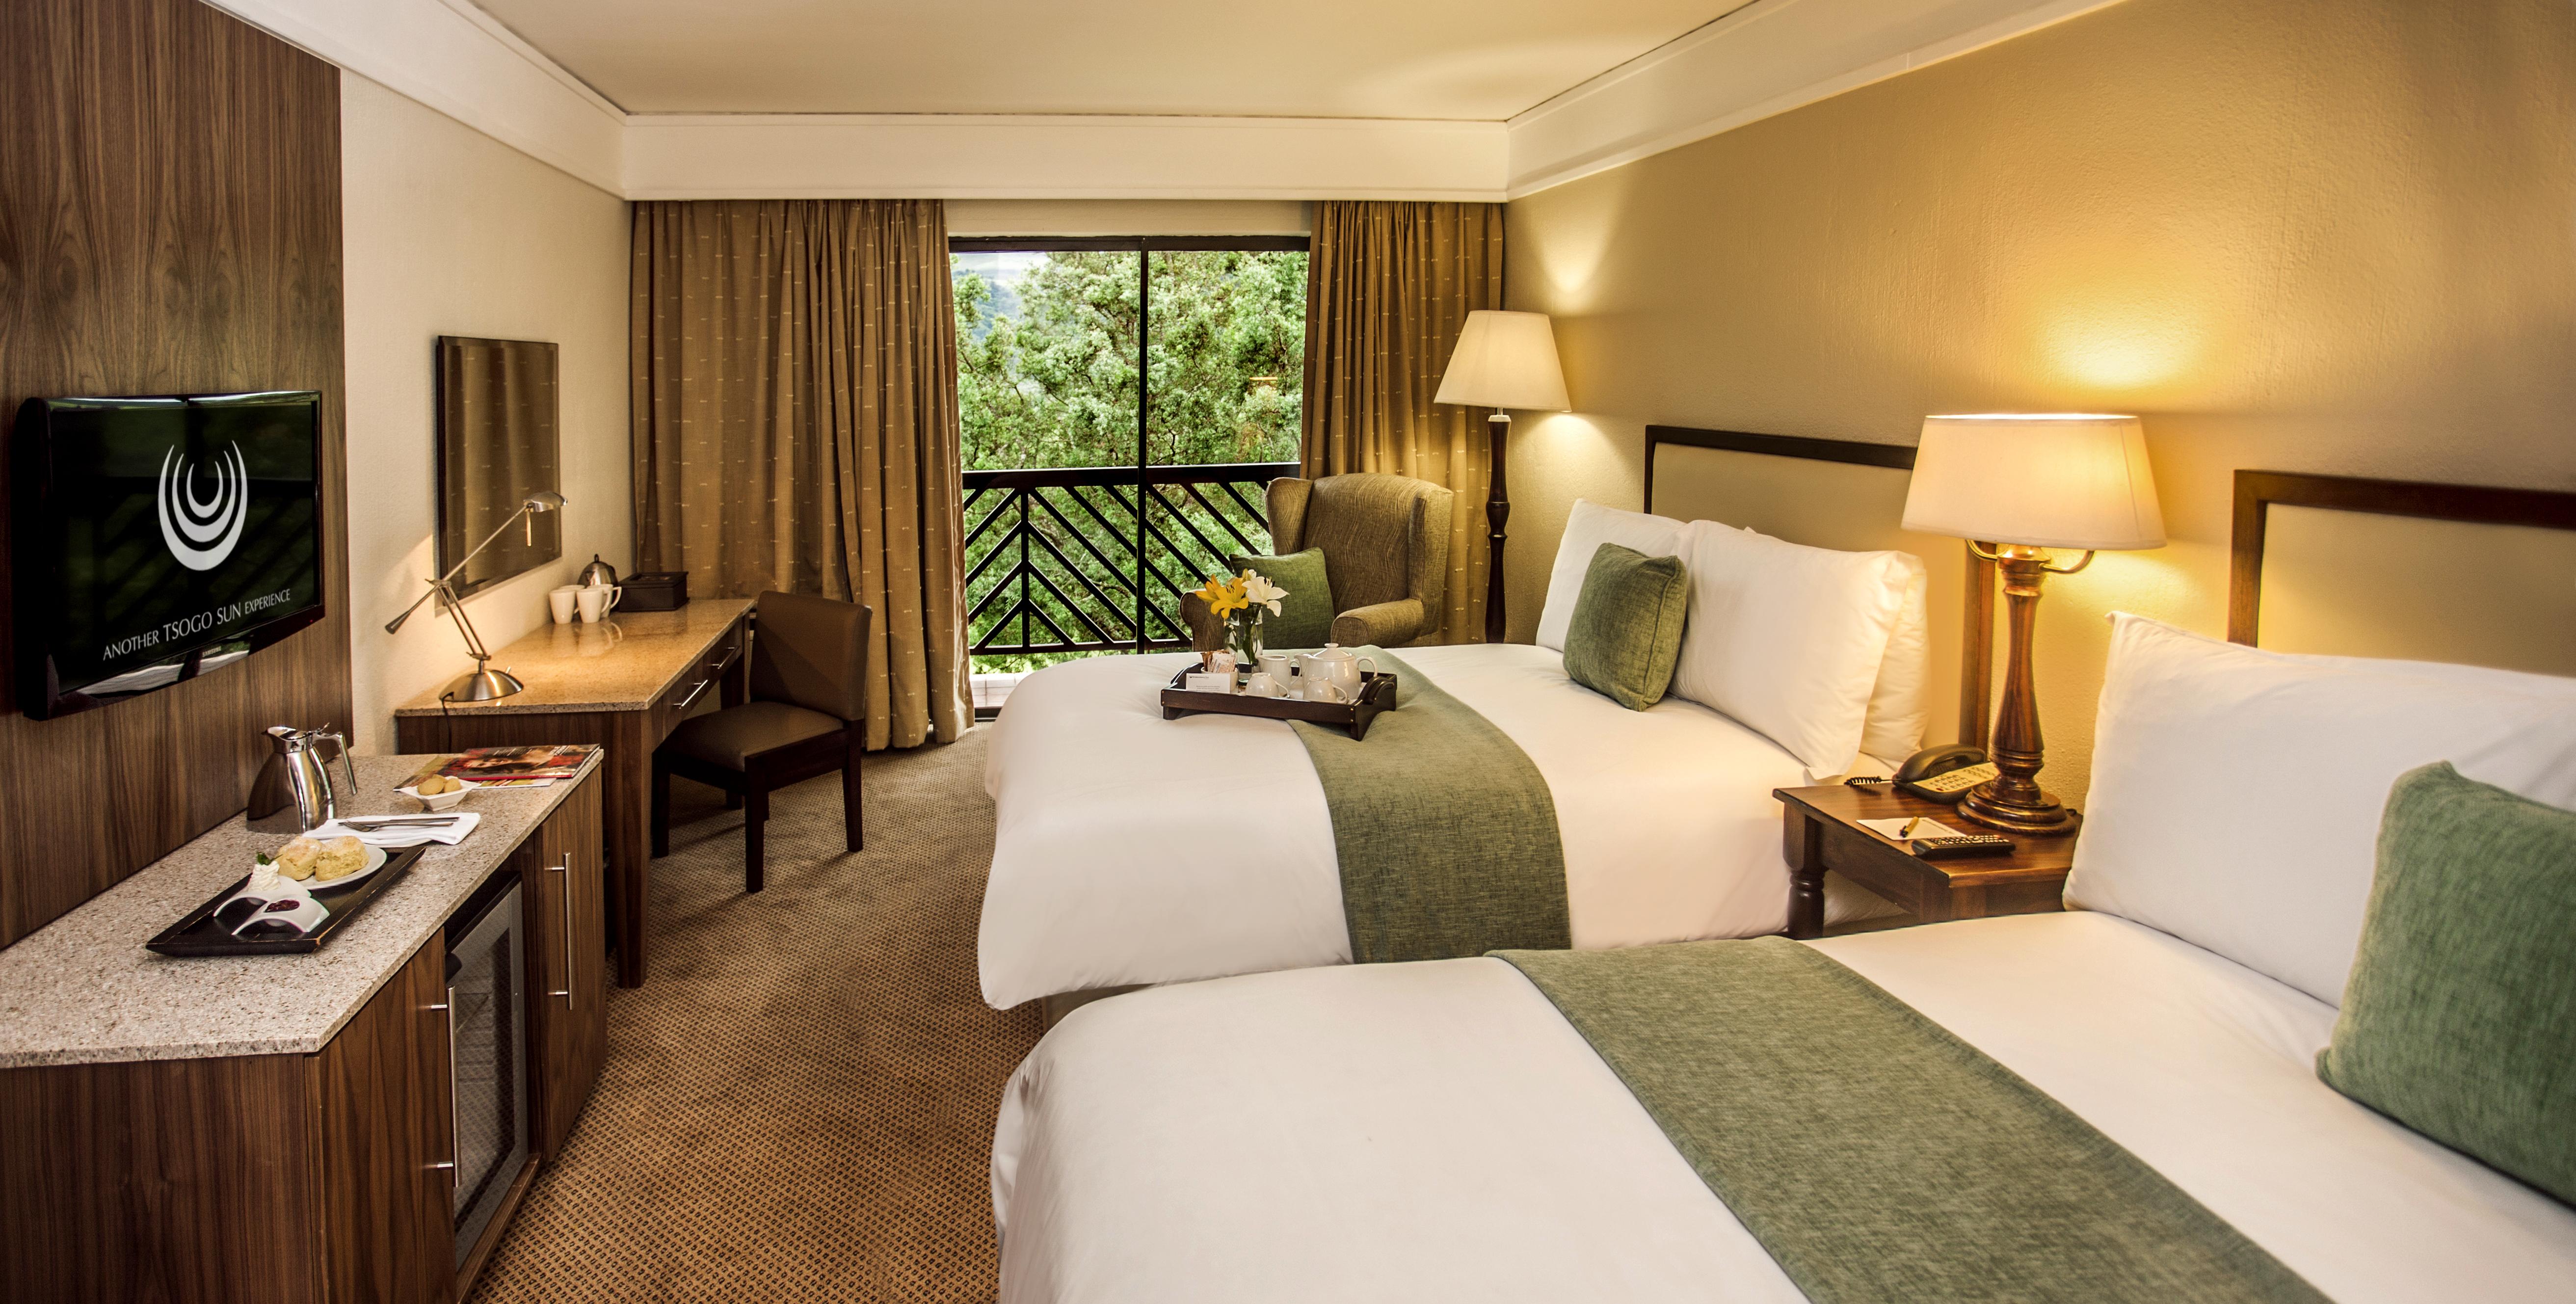 Bedroom Design Types